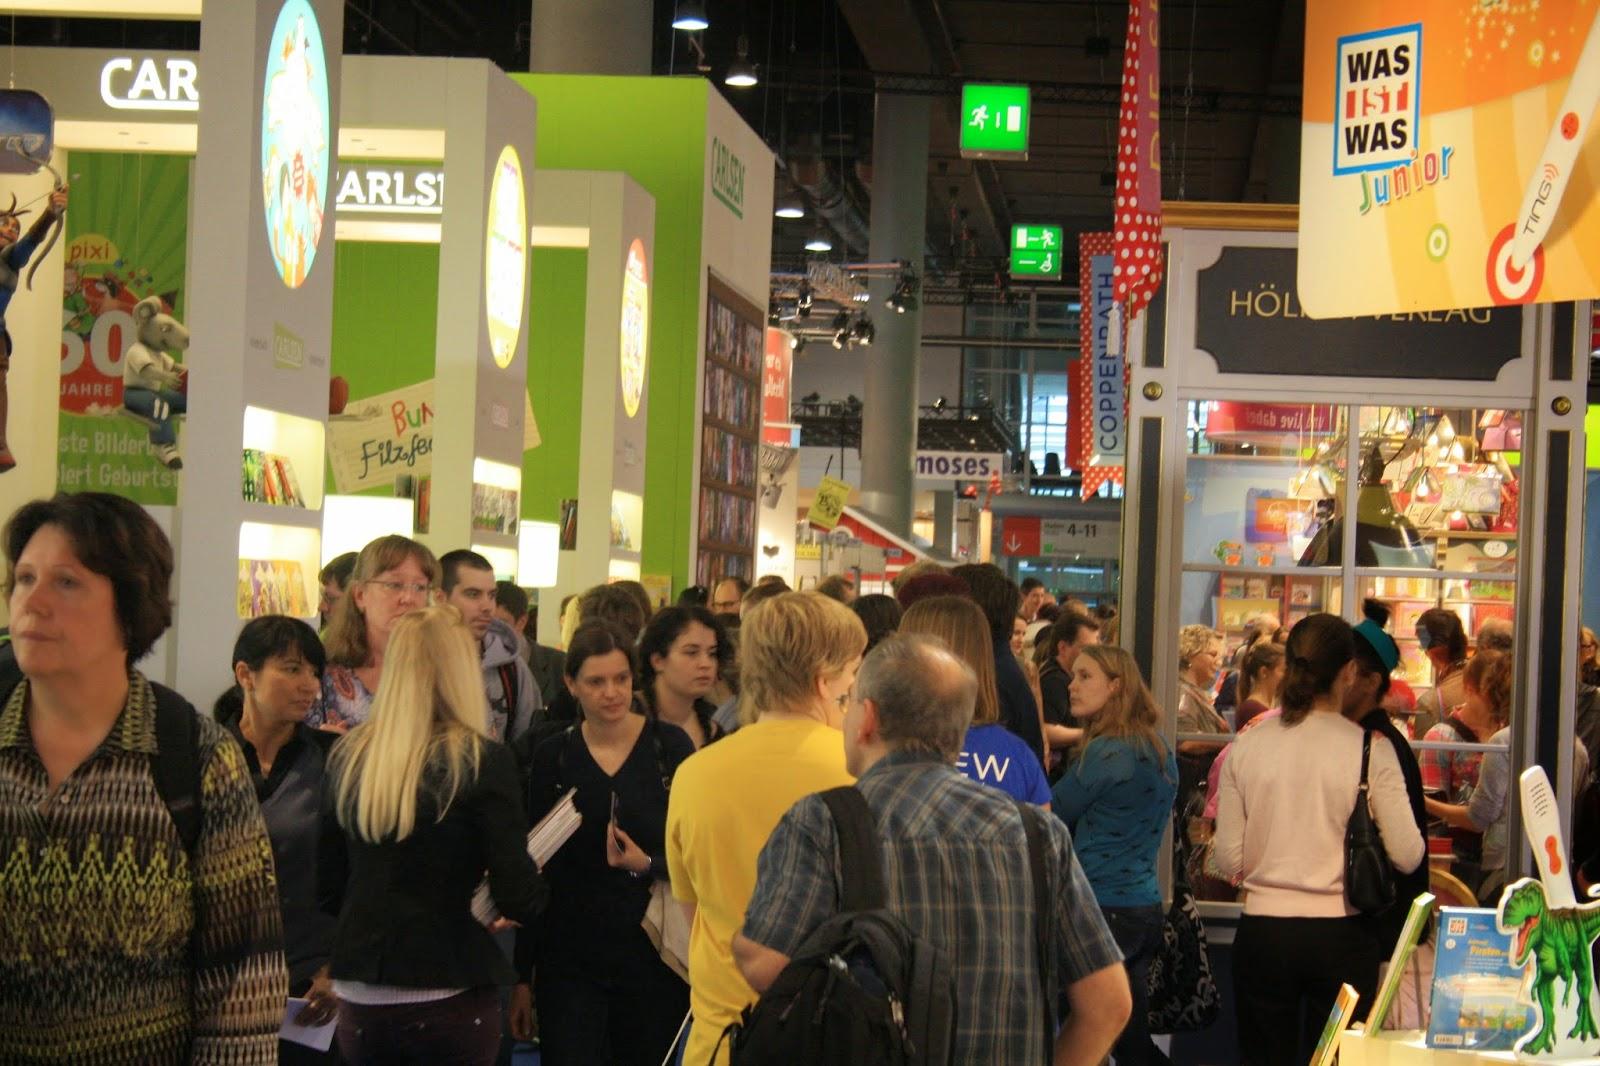 Der Carlsen Verlagsstand auf der Frankfurter Buchmesse 2014